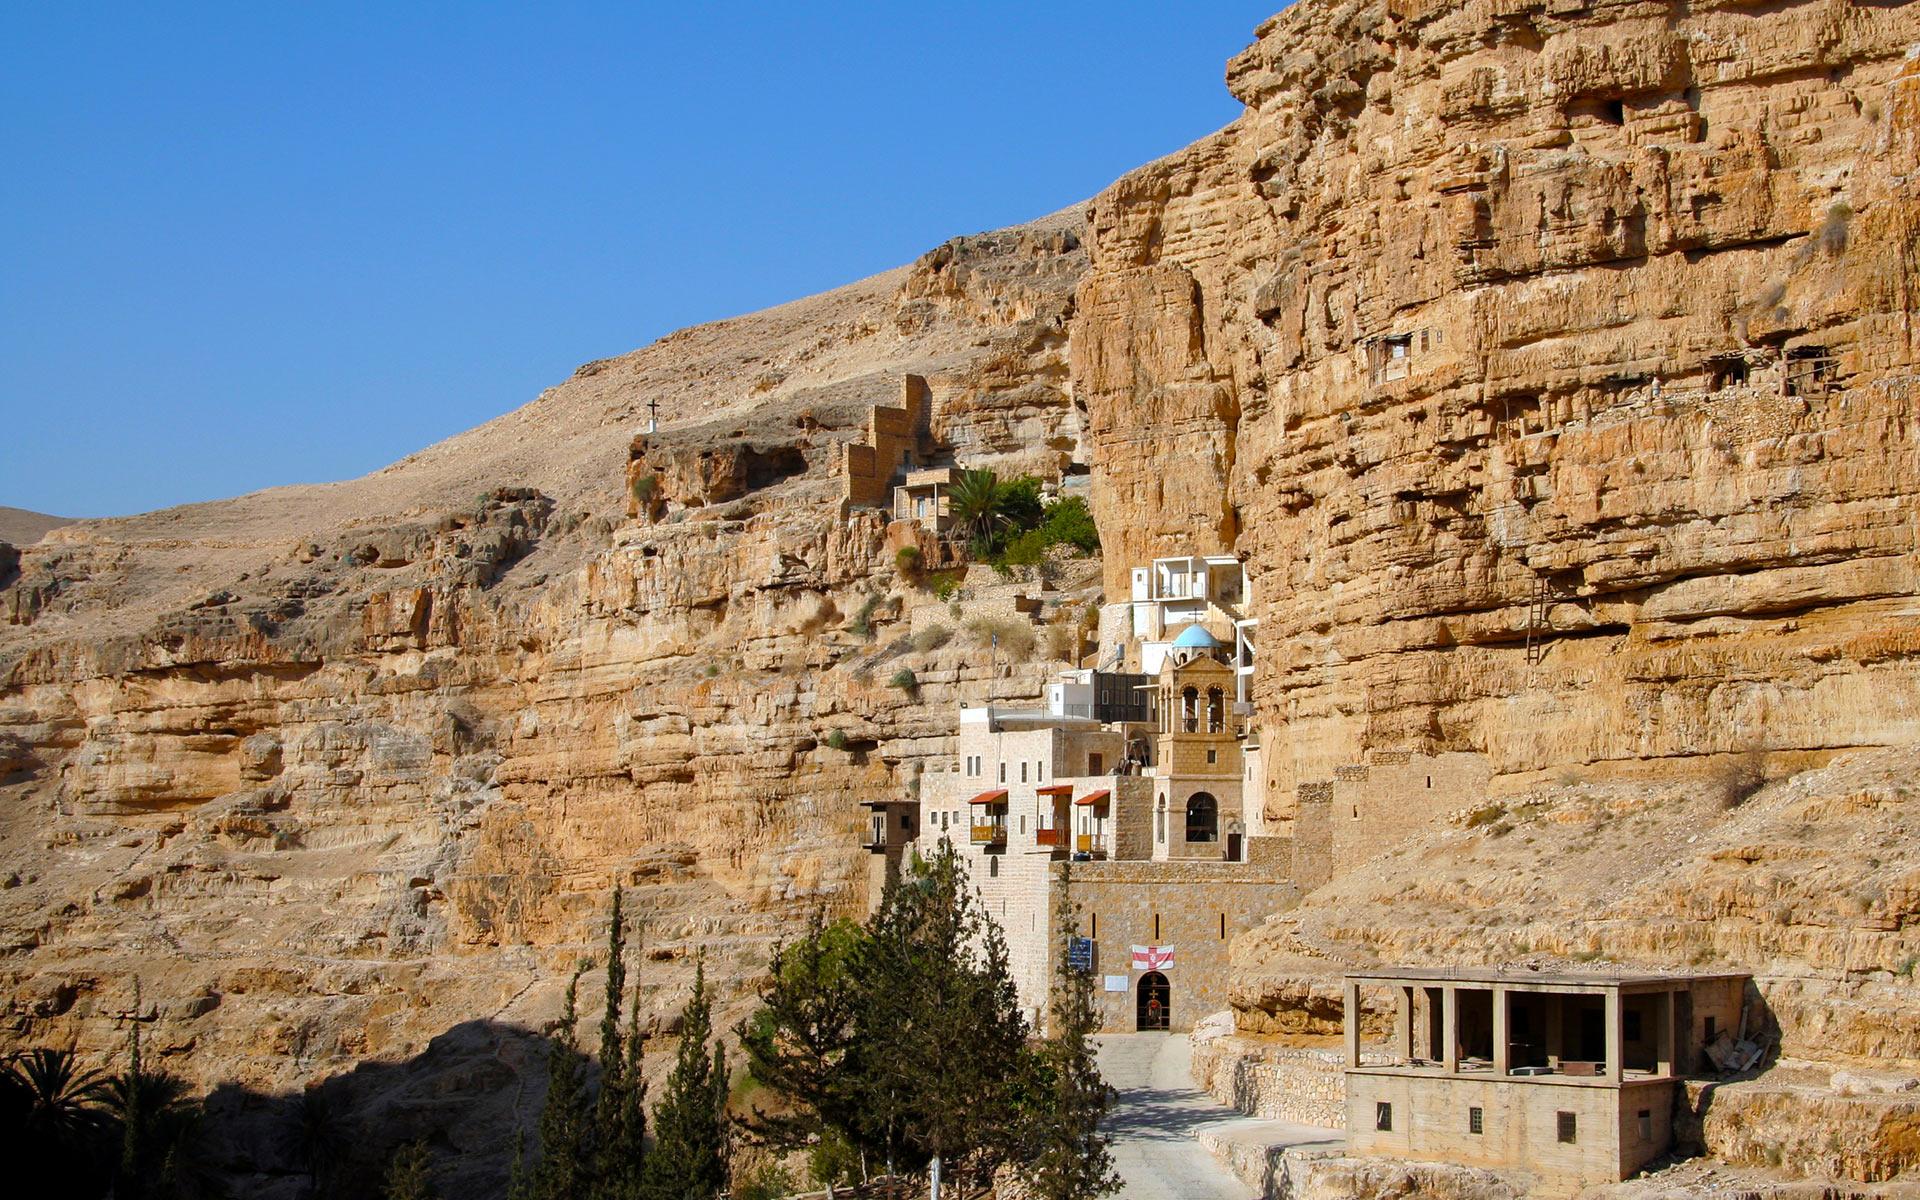 More about jerichoalternativetours jerusalem for Jericho house